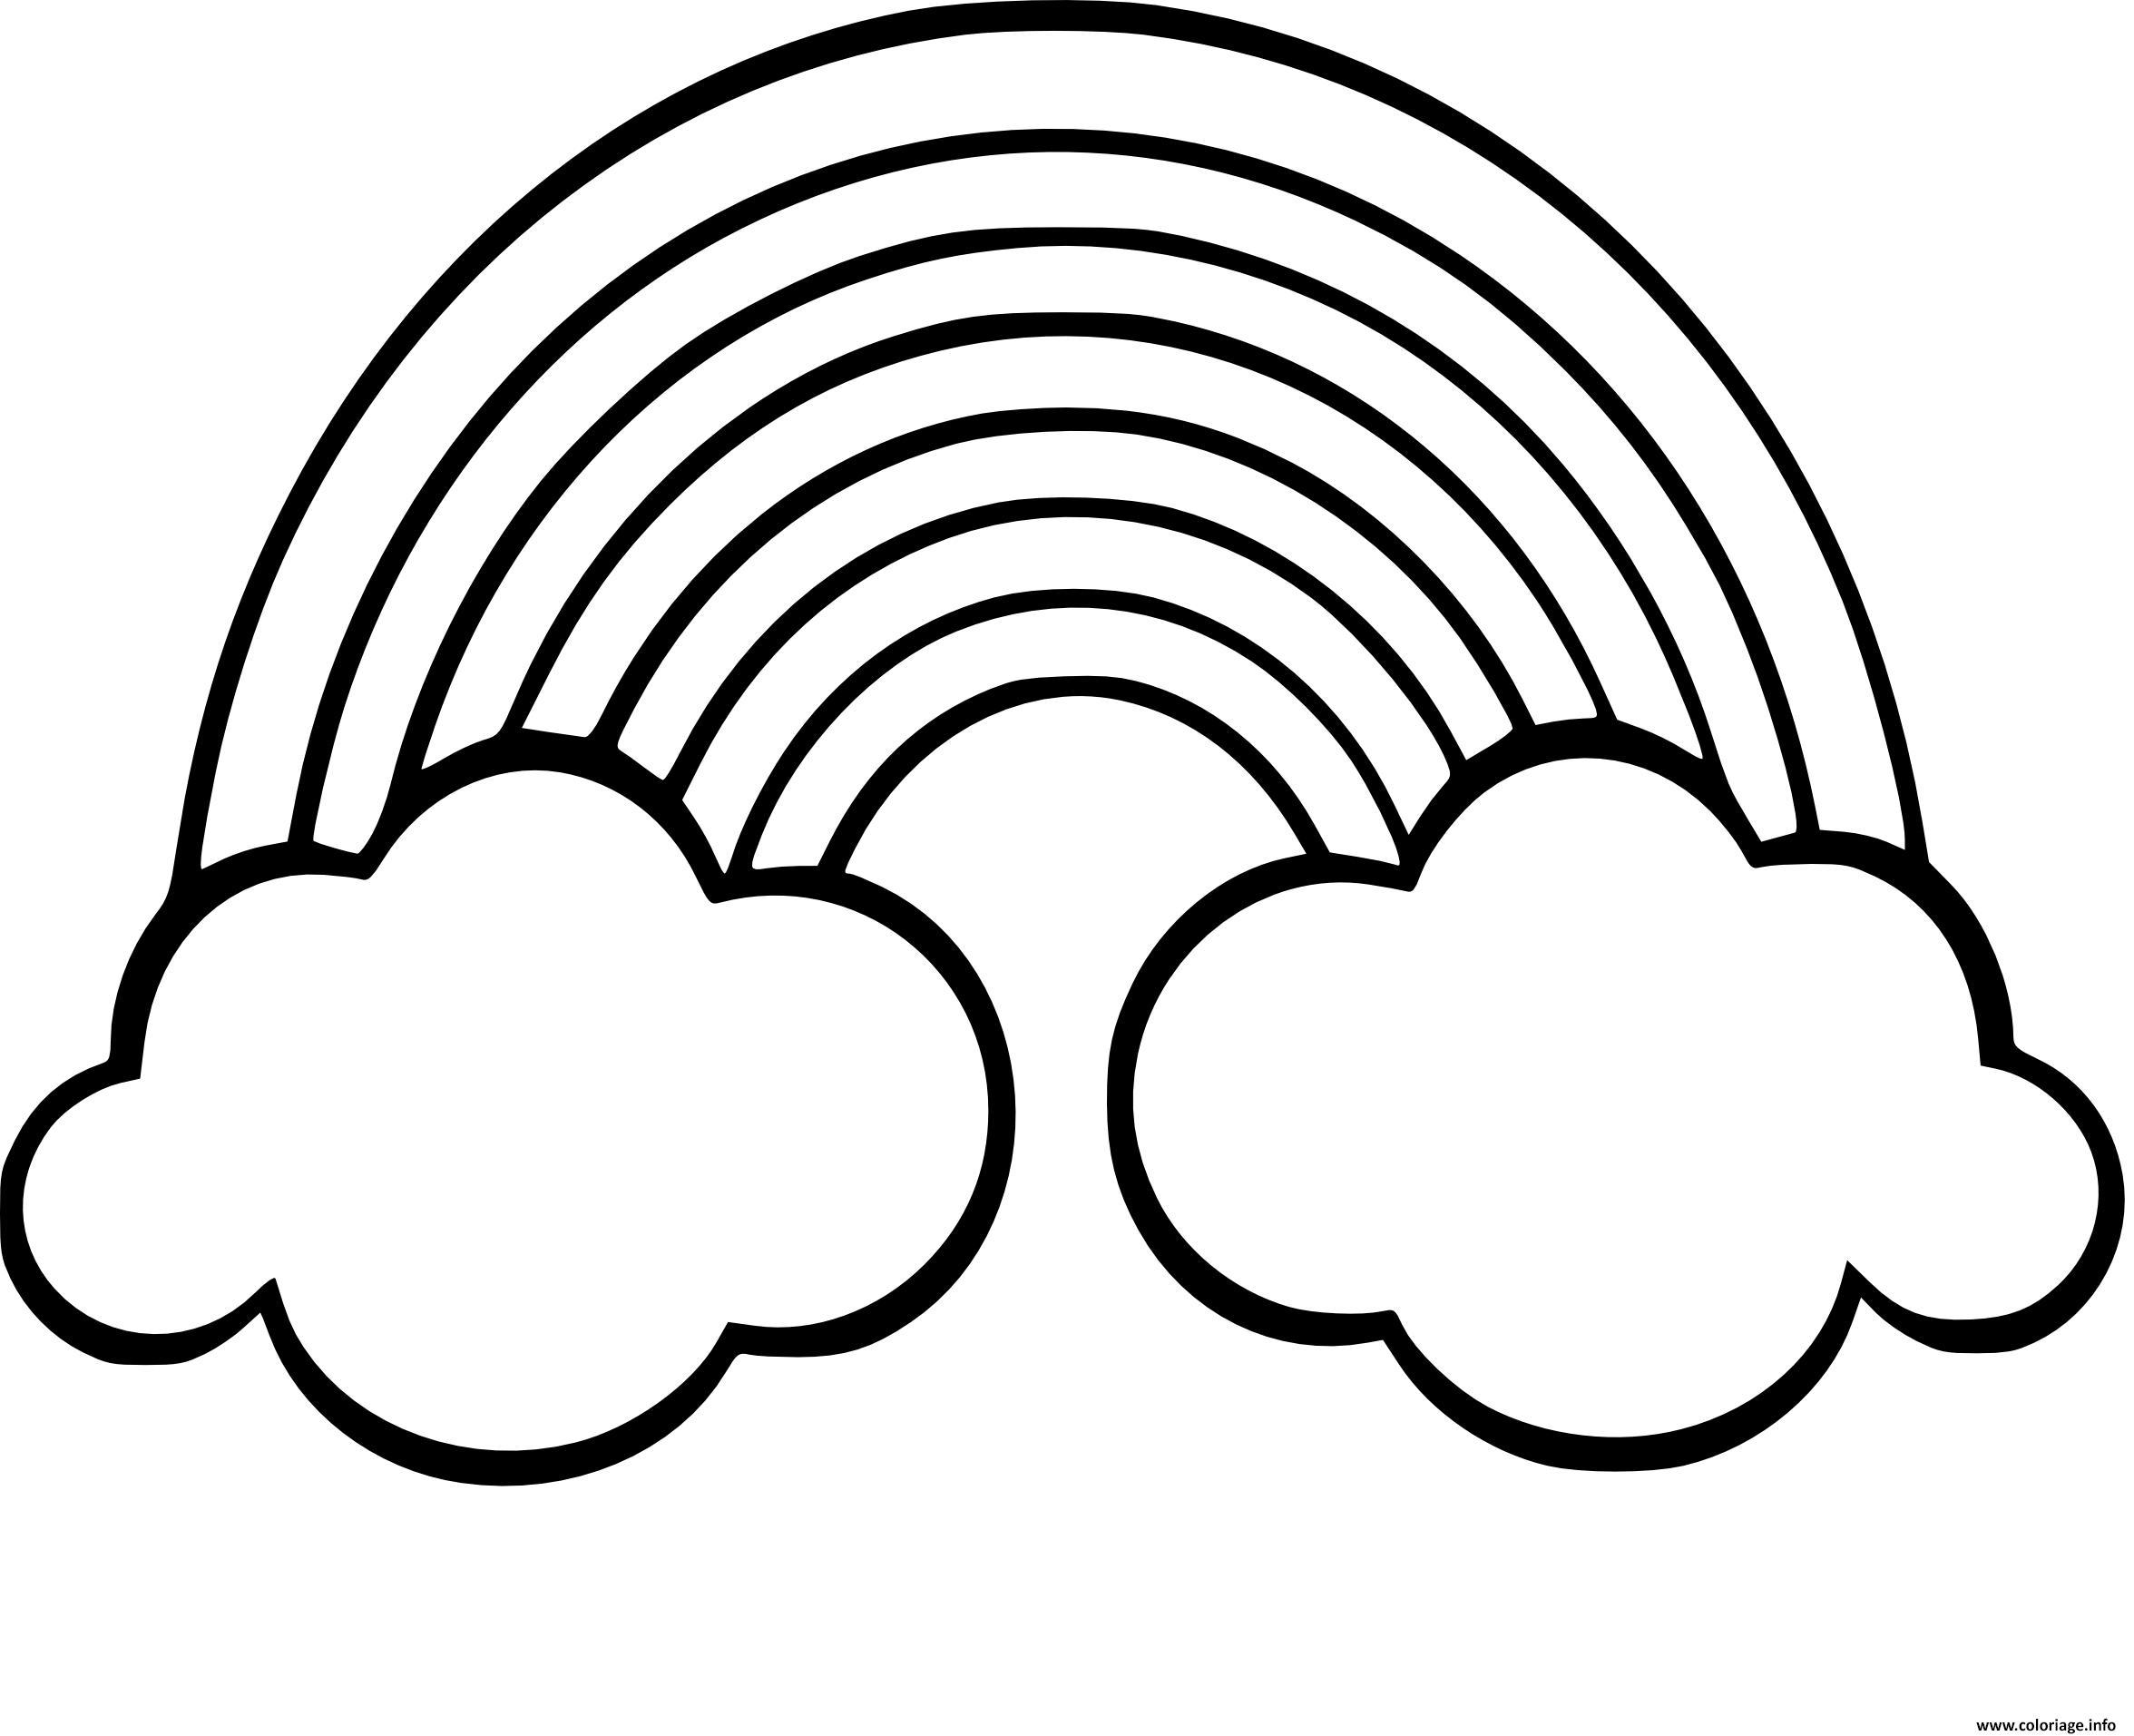 Coloriage Arc En Ciel Avec Nuages Jecoloriecom